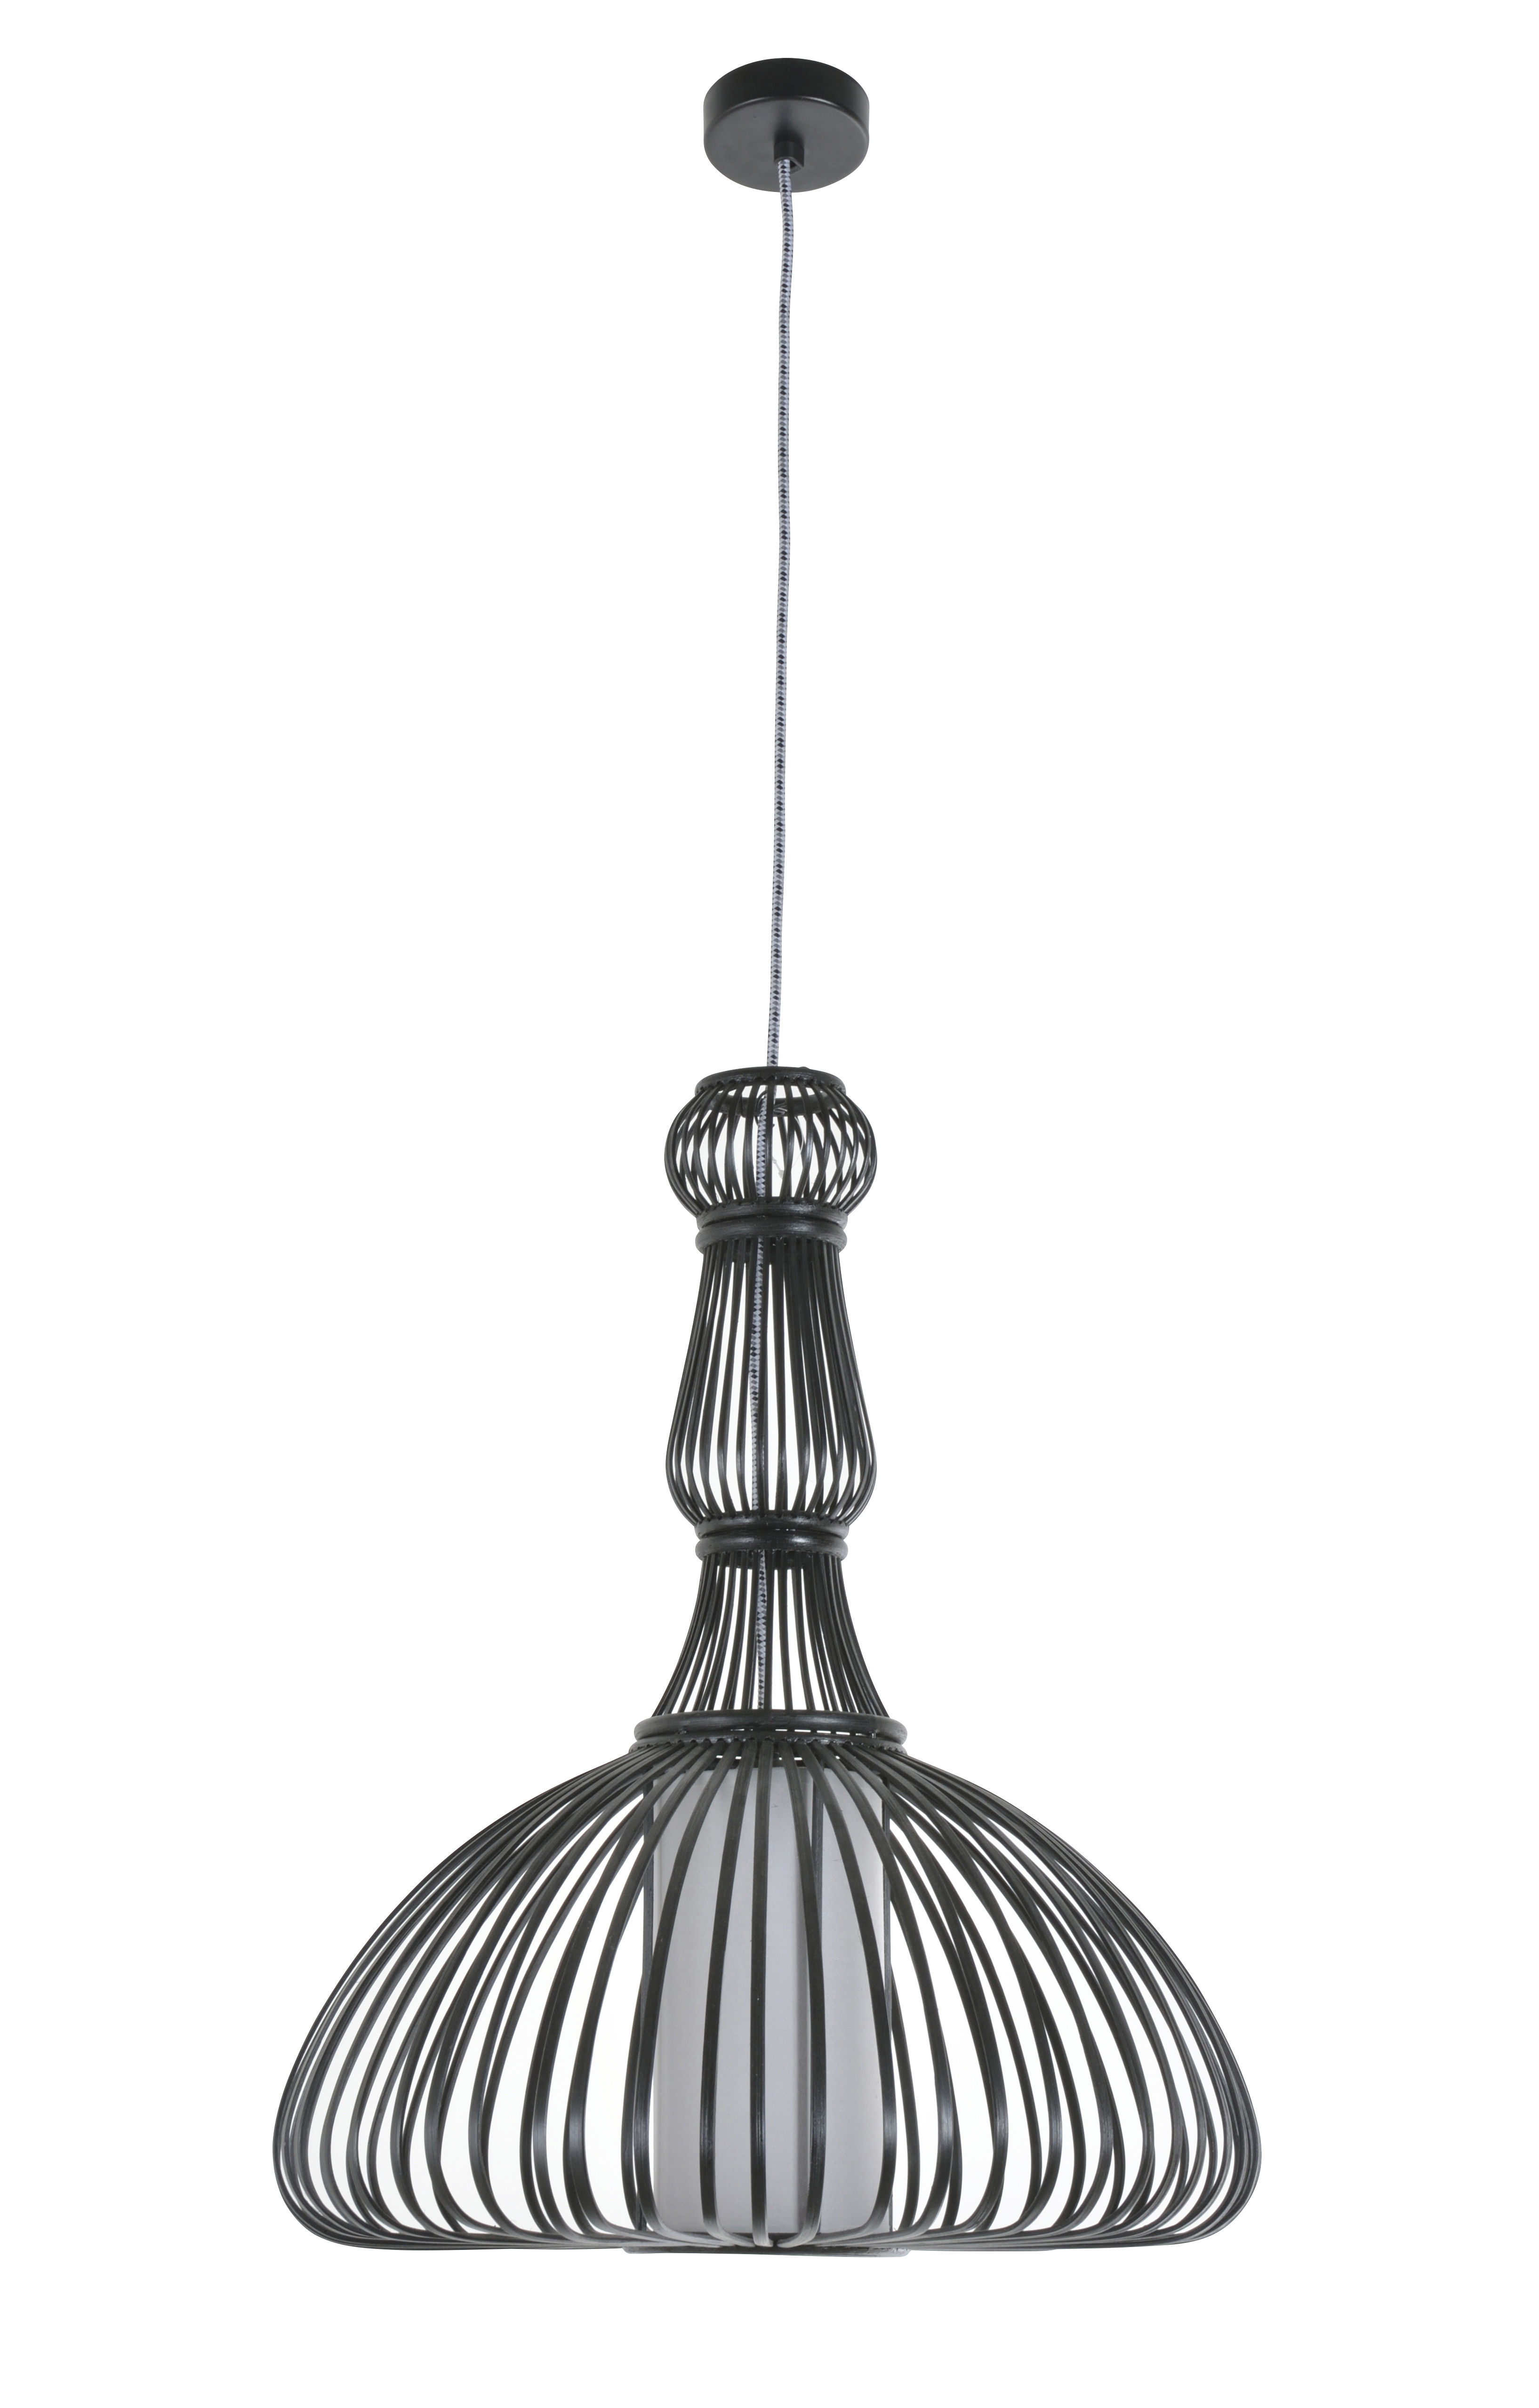 suspension pompadour bambou 47 x h 58 cm noir forestier. Black Bedroom Furniture Sets. Home Design Ideas